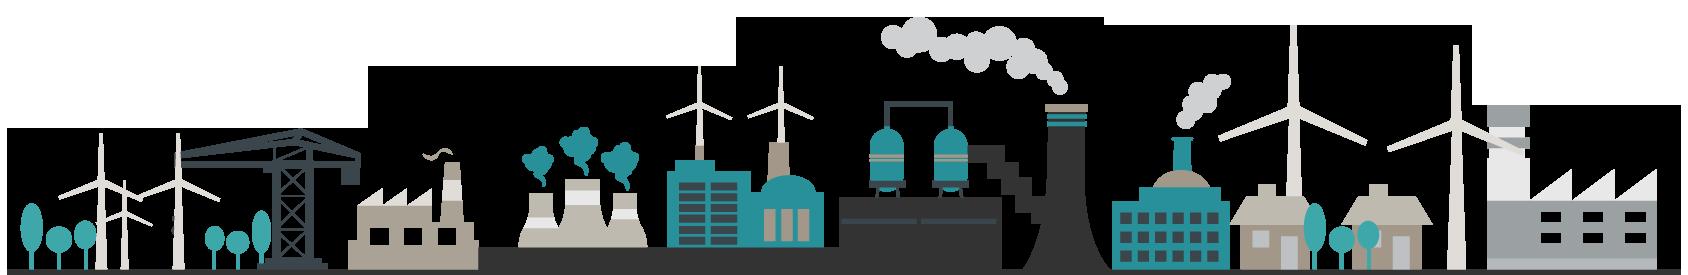 environment Biometal